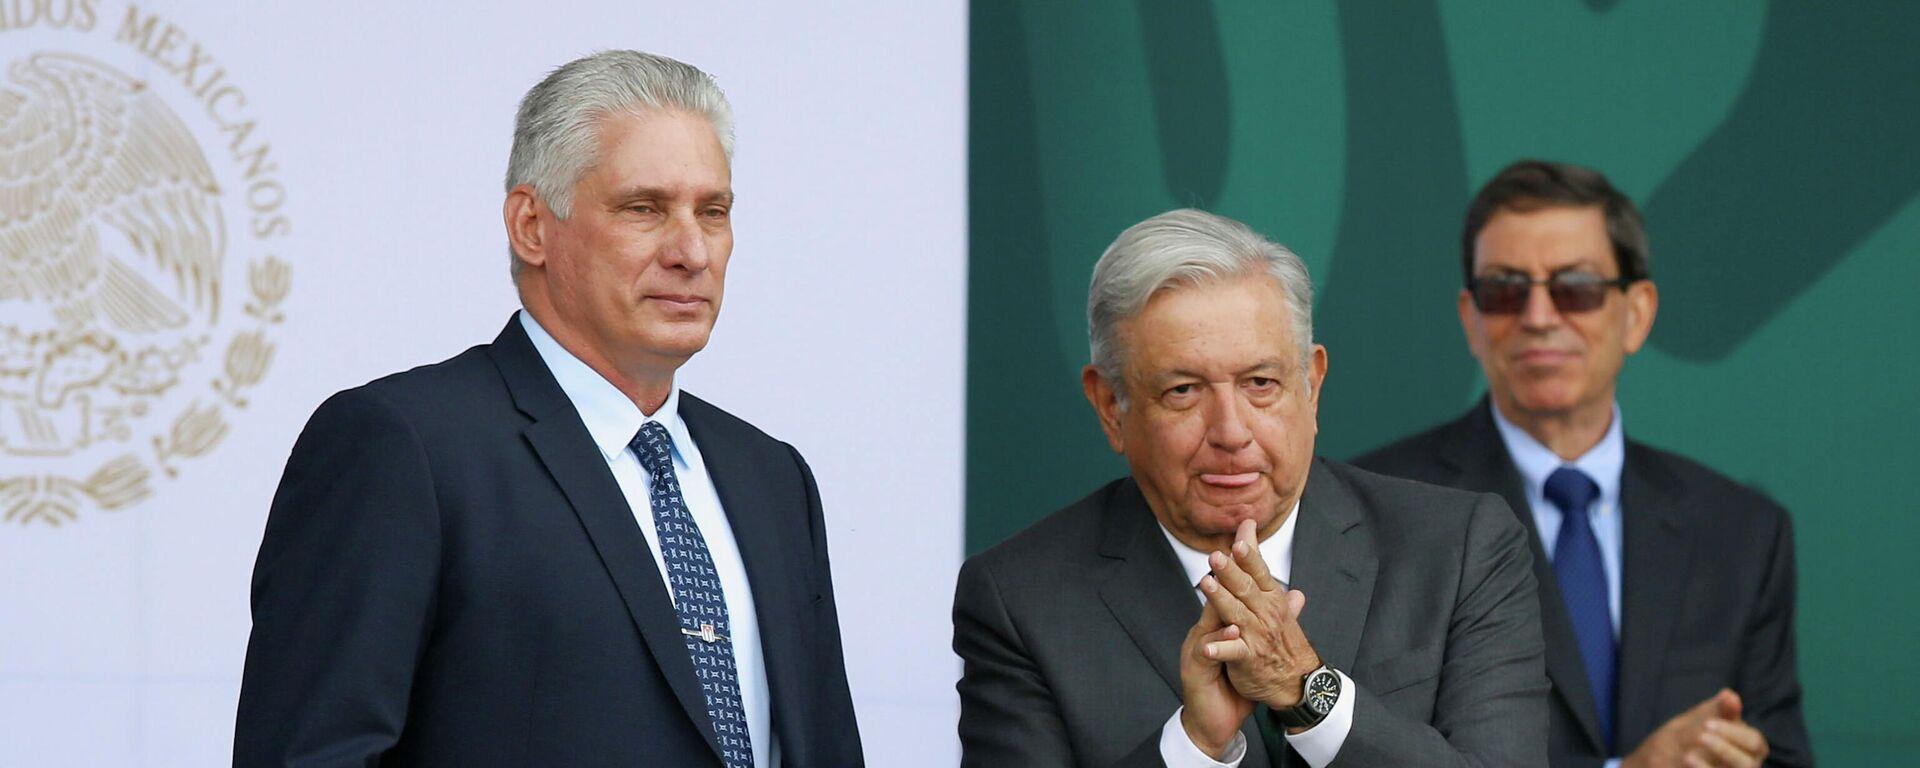 El presidente de Cuba, Miguel Díaz-Canel, junto al mandatario mexicano Andrés Manuel López Obrador - Sputnik Mundo, 1920, 17.09.2021